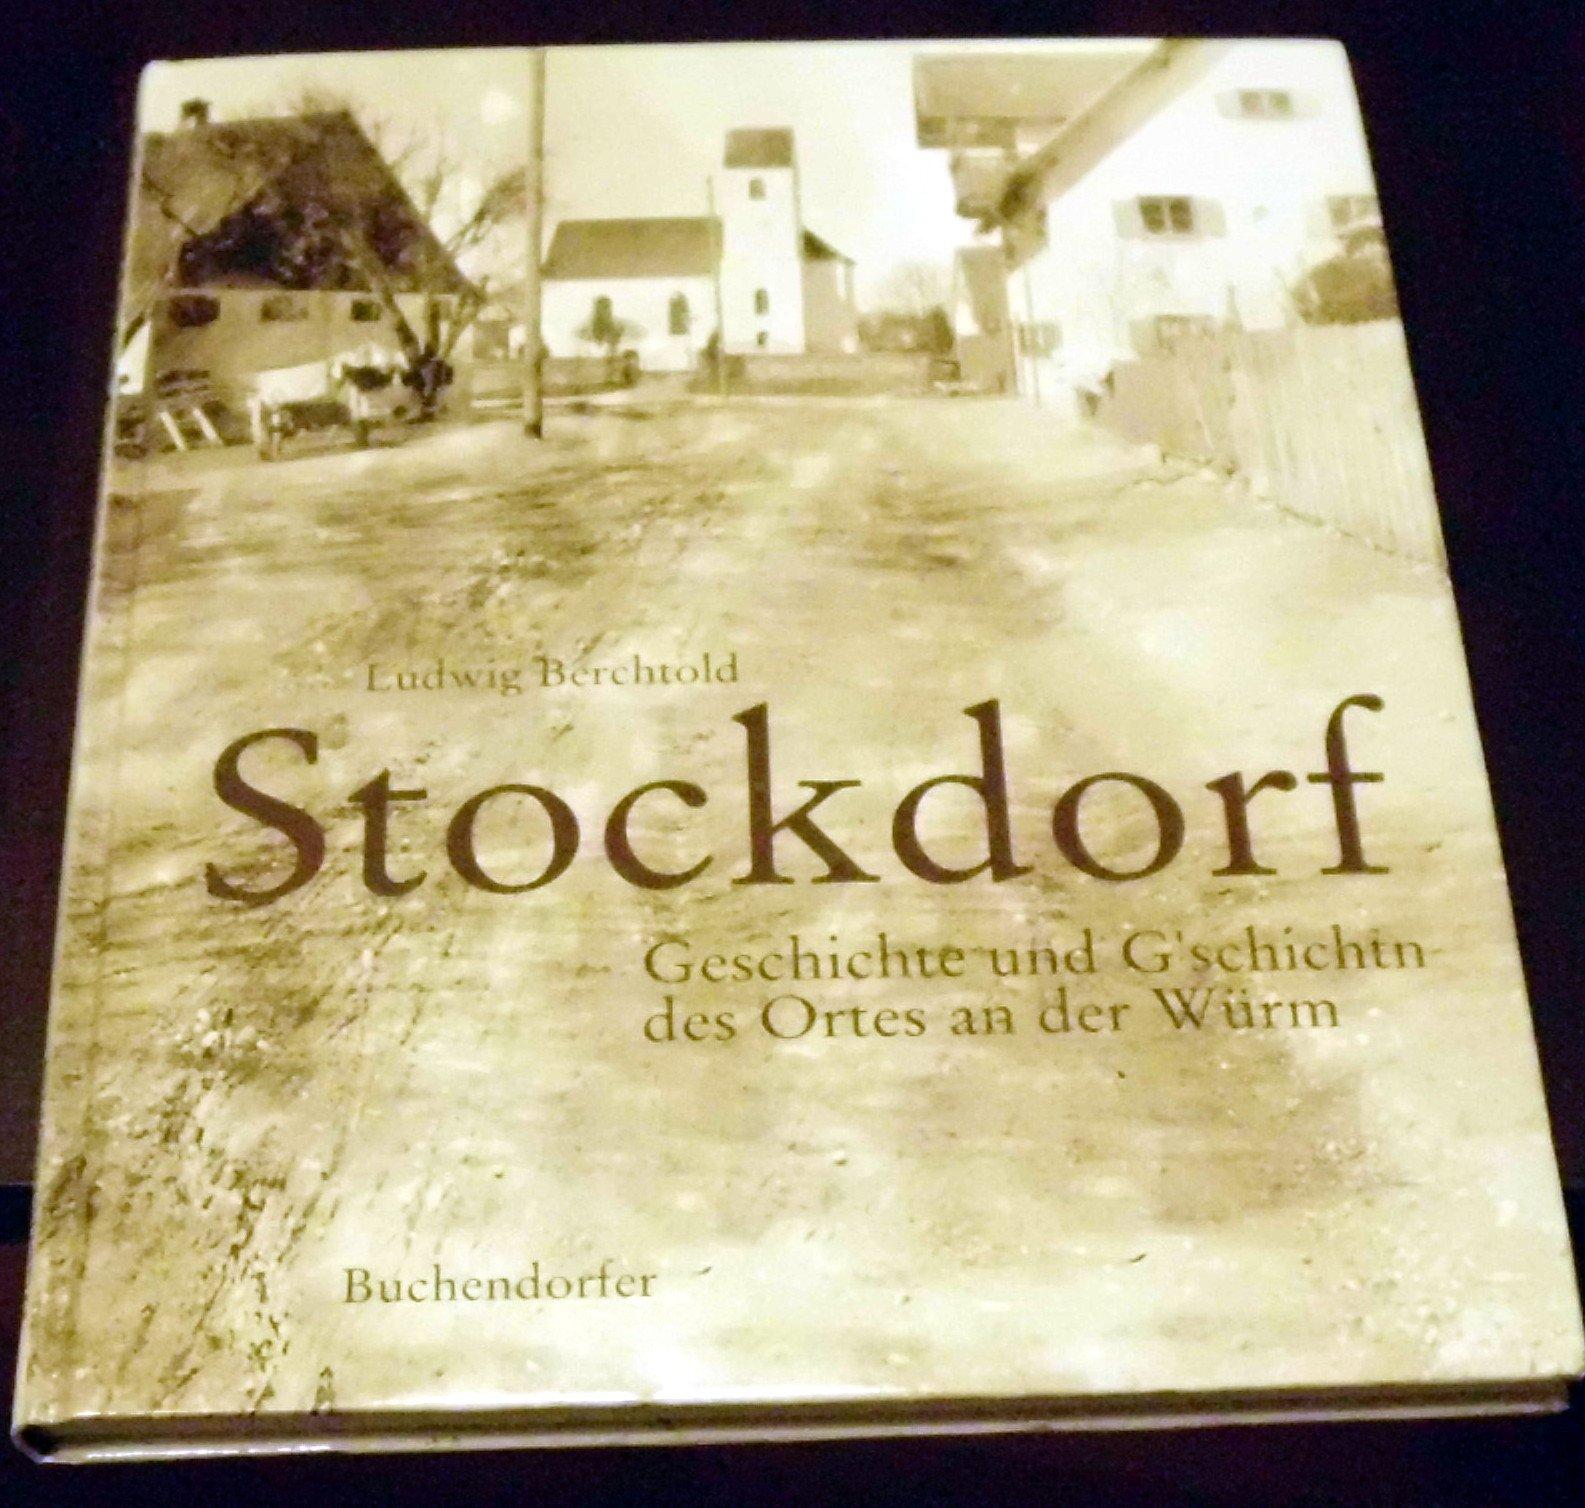 Stockdorf. Geschichte und G'schichtn des Ortes an der Würm